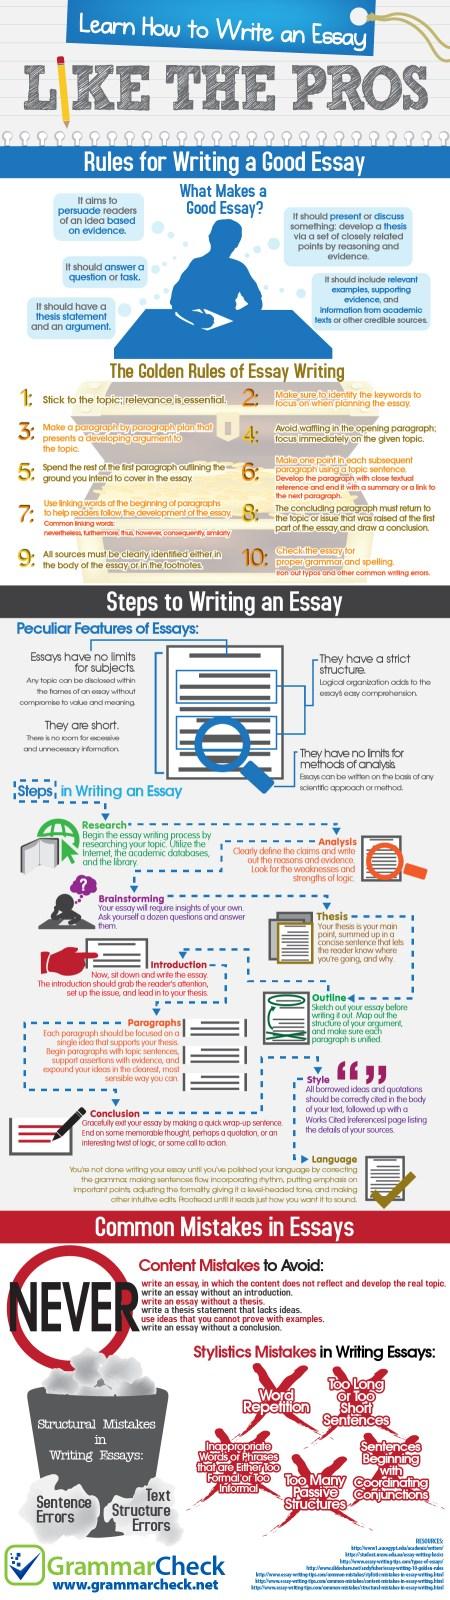 essay checker